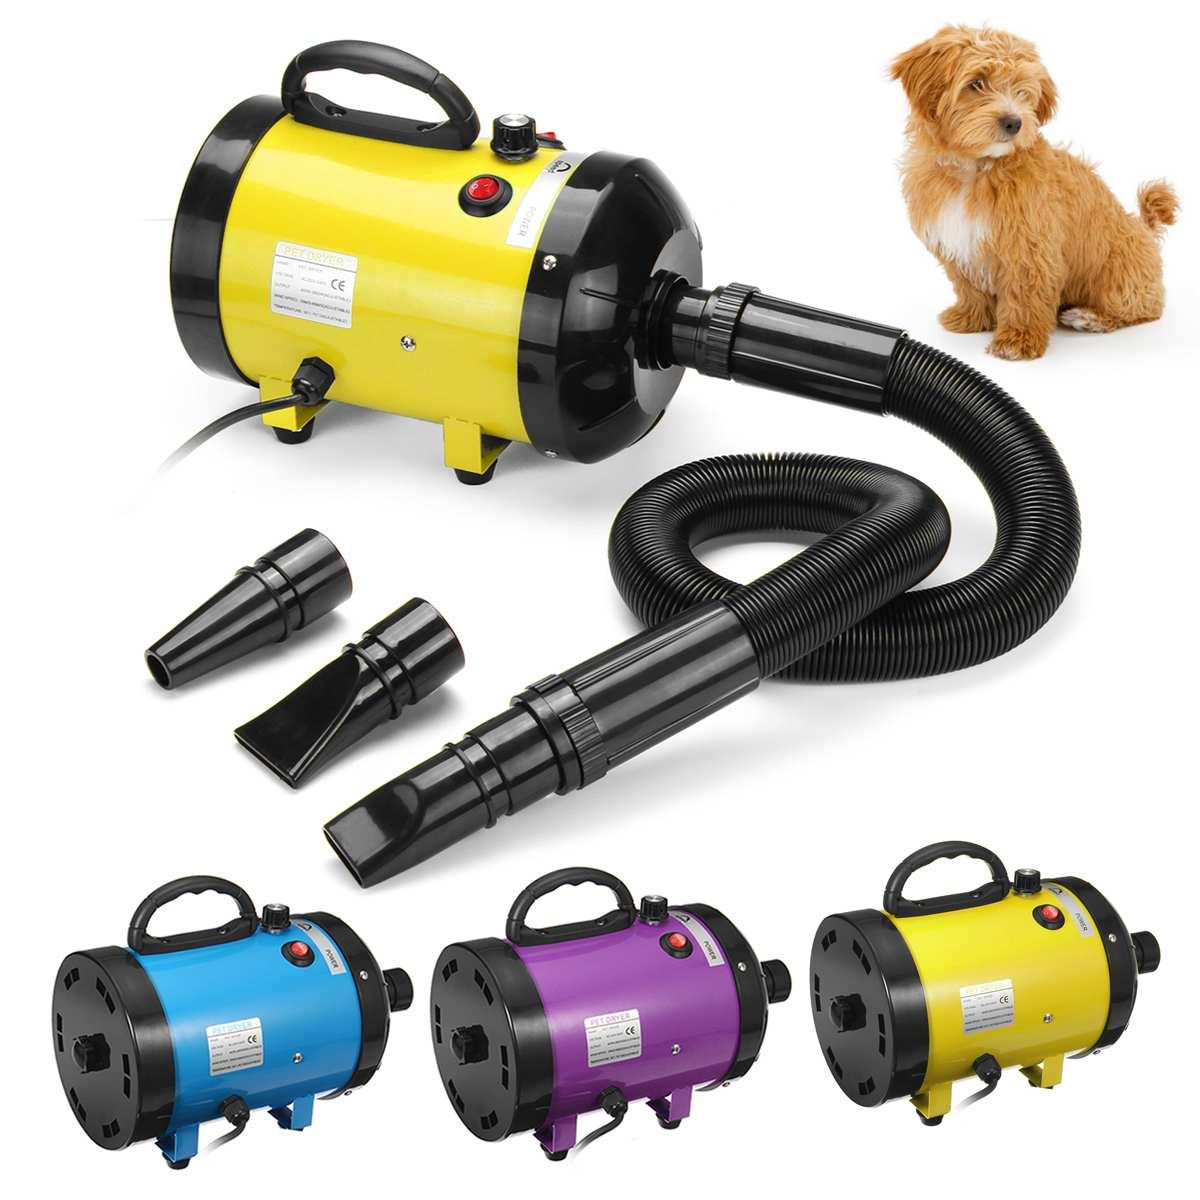 Secador de Pet Secador de Cabelo Ventilador de Baixo Ruído com 3 Secador Soprador Grooming Ajustável Poder-forte Bicos 2800w Pet Cão